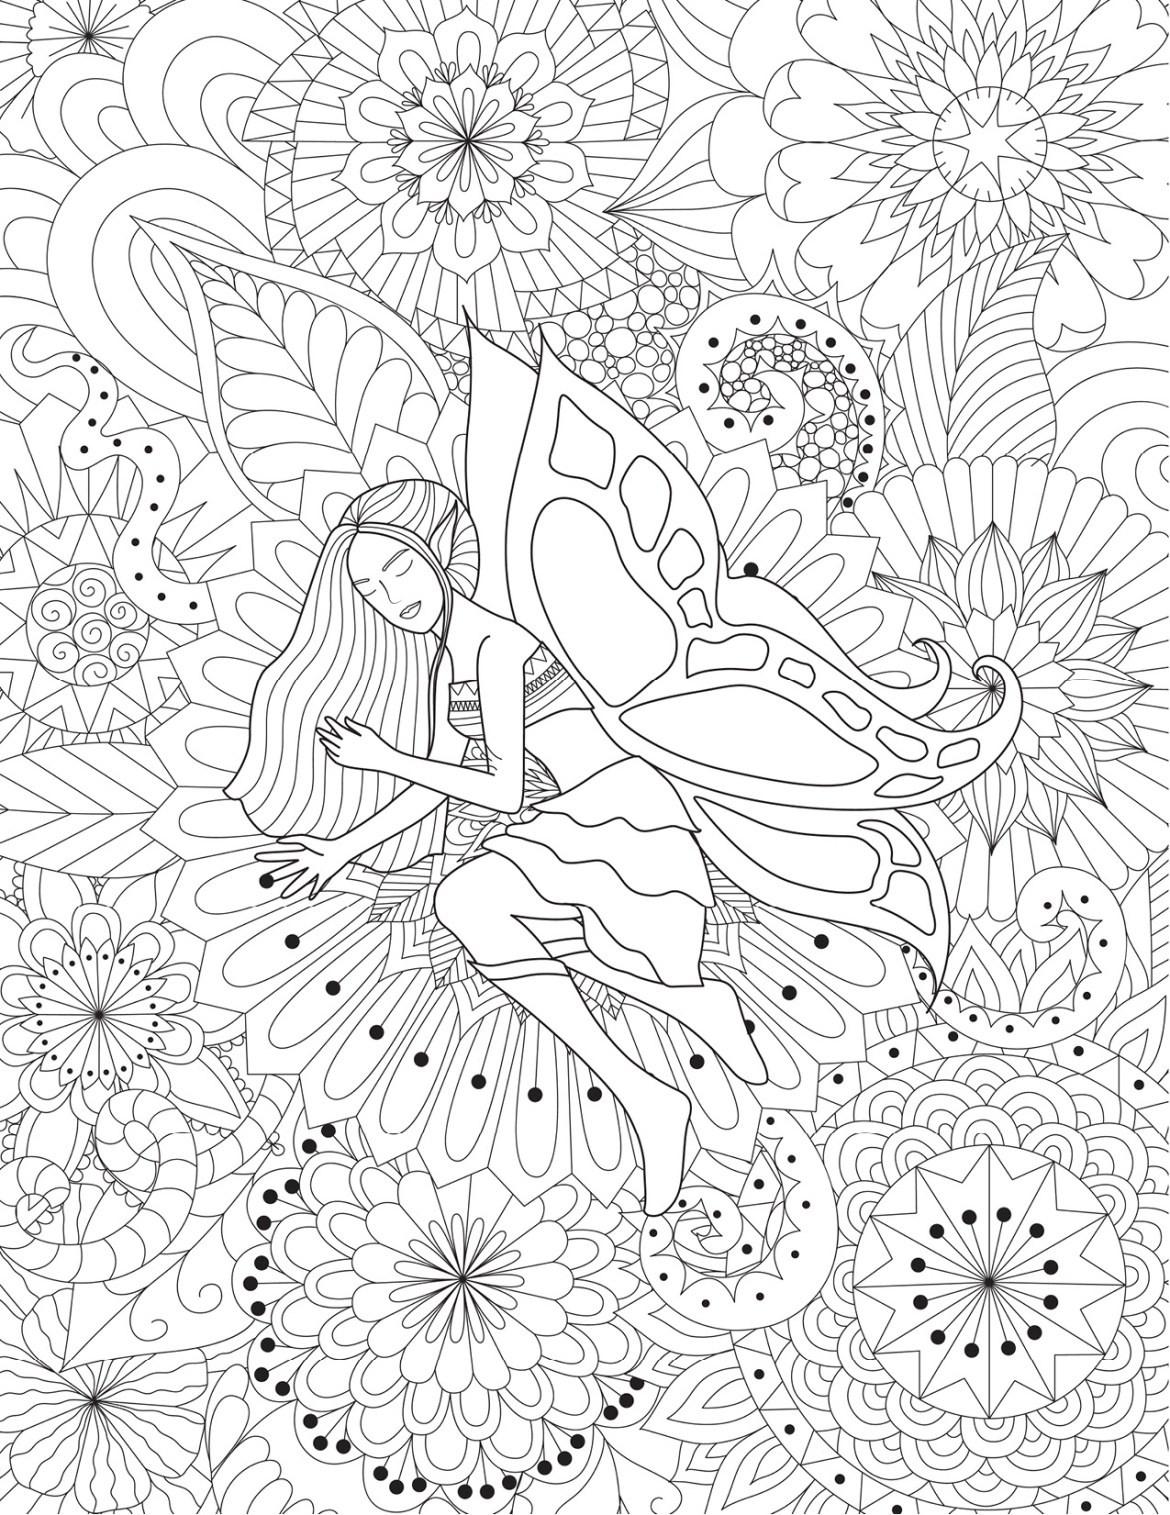 Coloriage À Imprimer Mandala Tres Difficile | Coloriages À à Coloriage Magique Dur